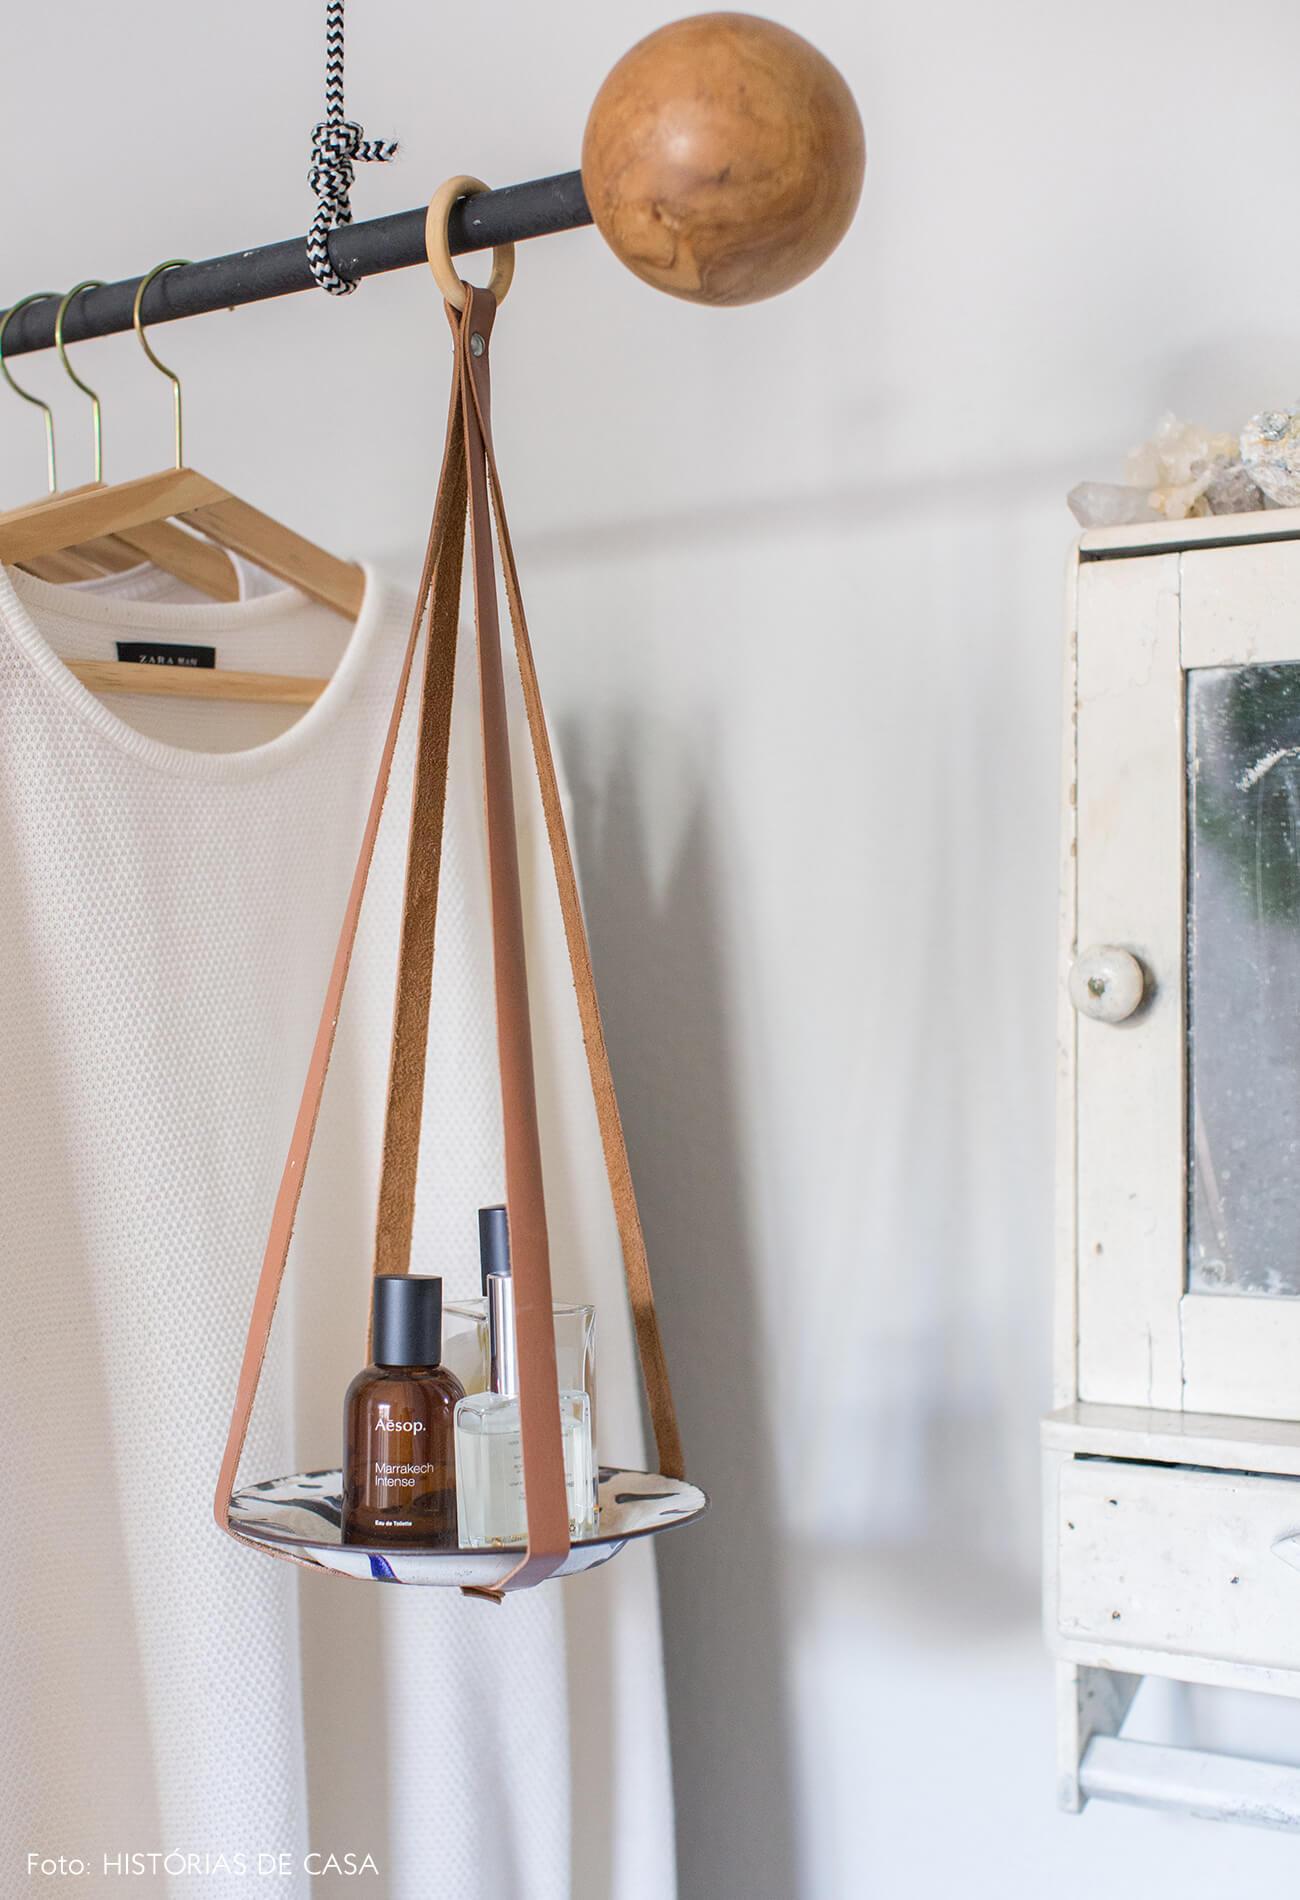 arara de roupas de madeira e espelho branco